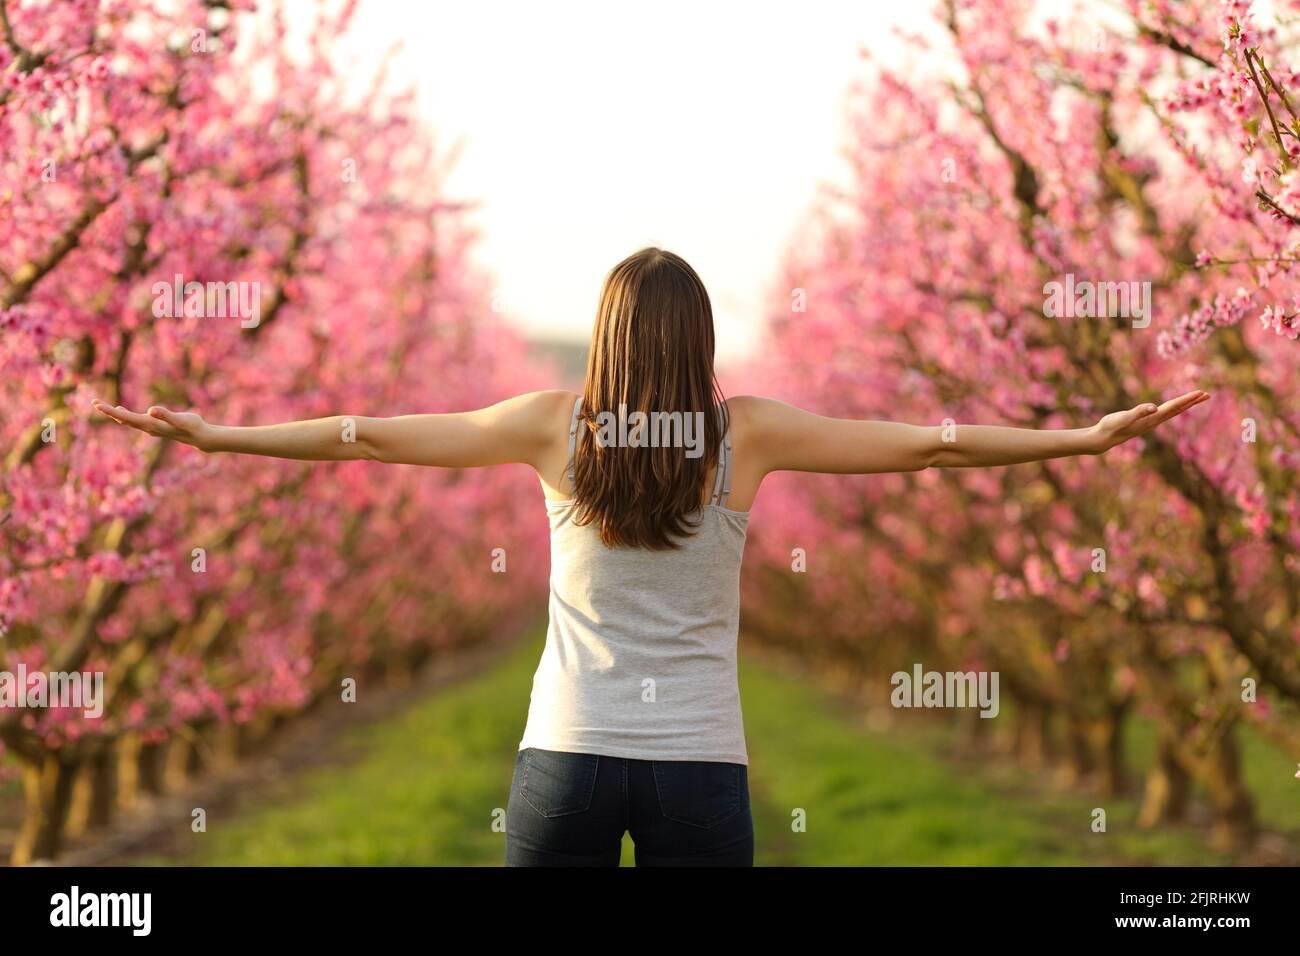 Vue arrière portrait d'une jeune femme qui s'étire les bras célébrant printemps dans un champ rose Banque D'Images